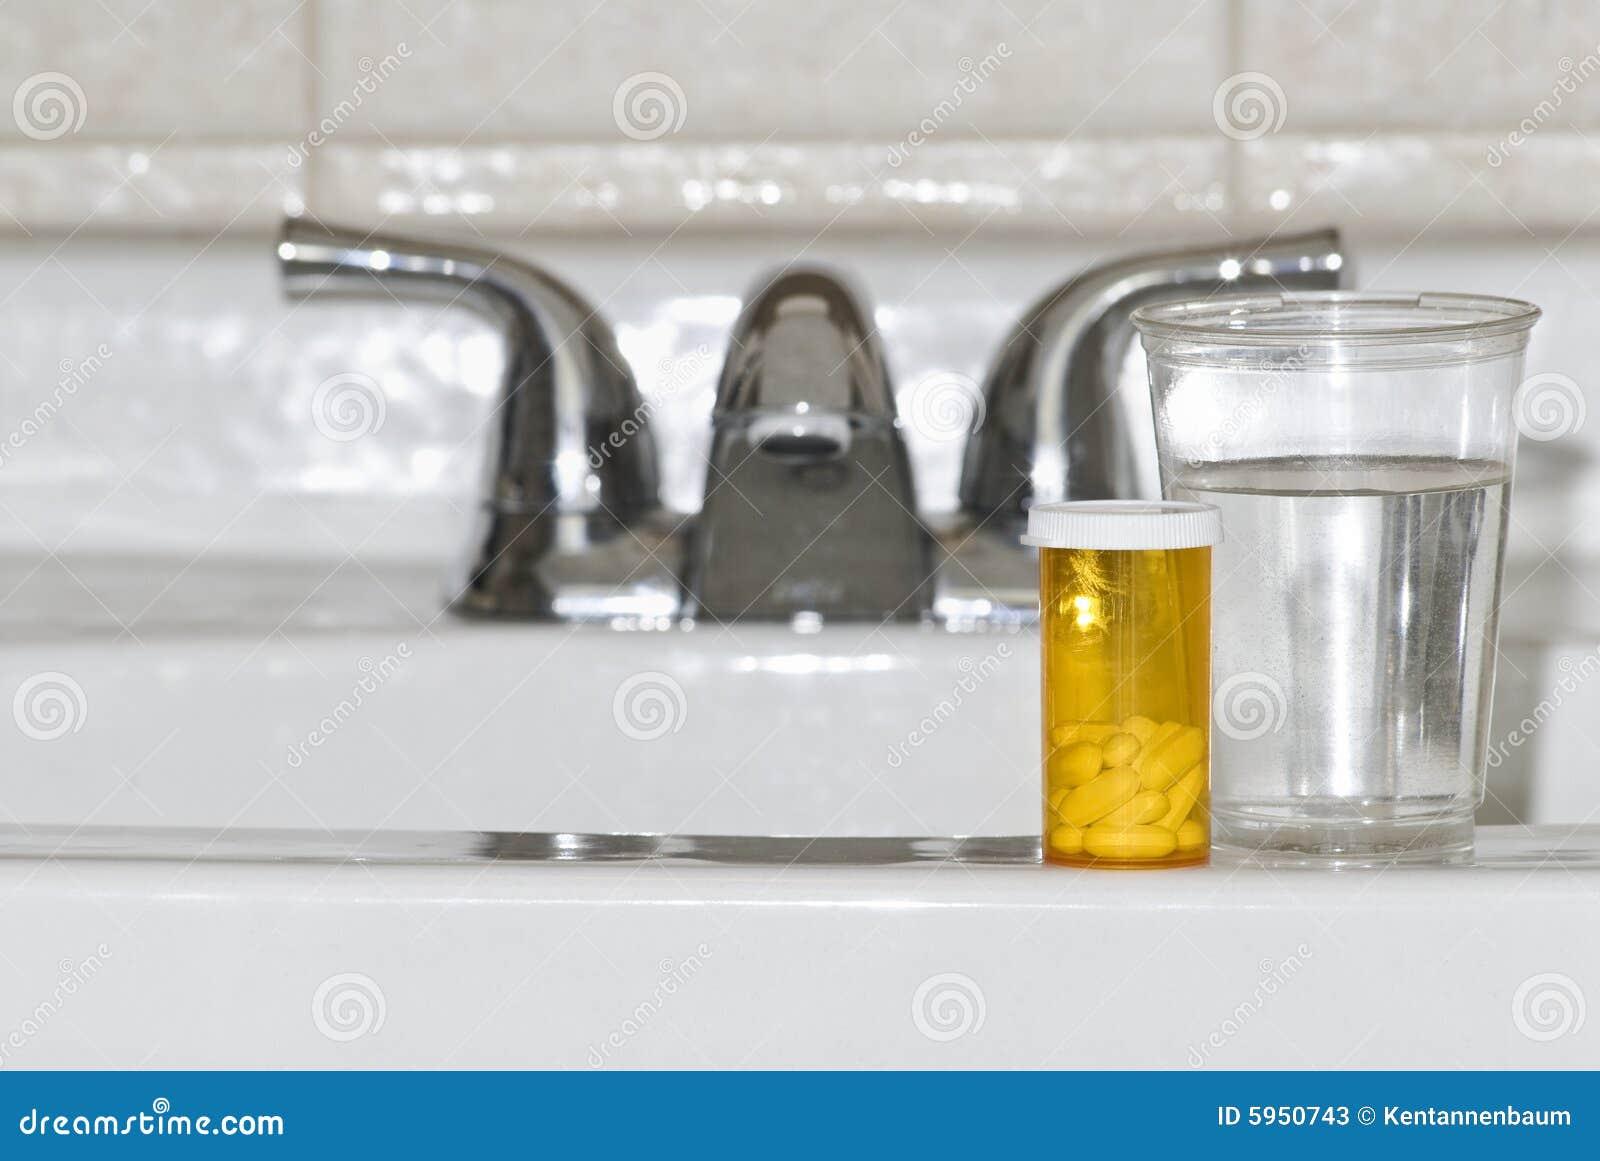 Pillules et eau sur le bassin de salle de bains